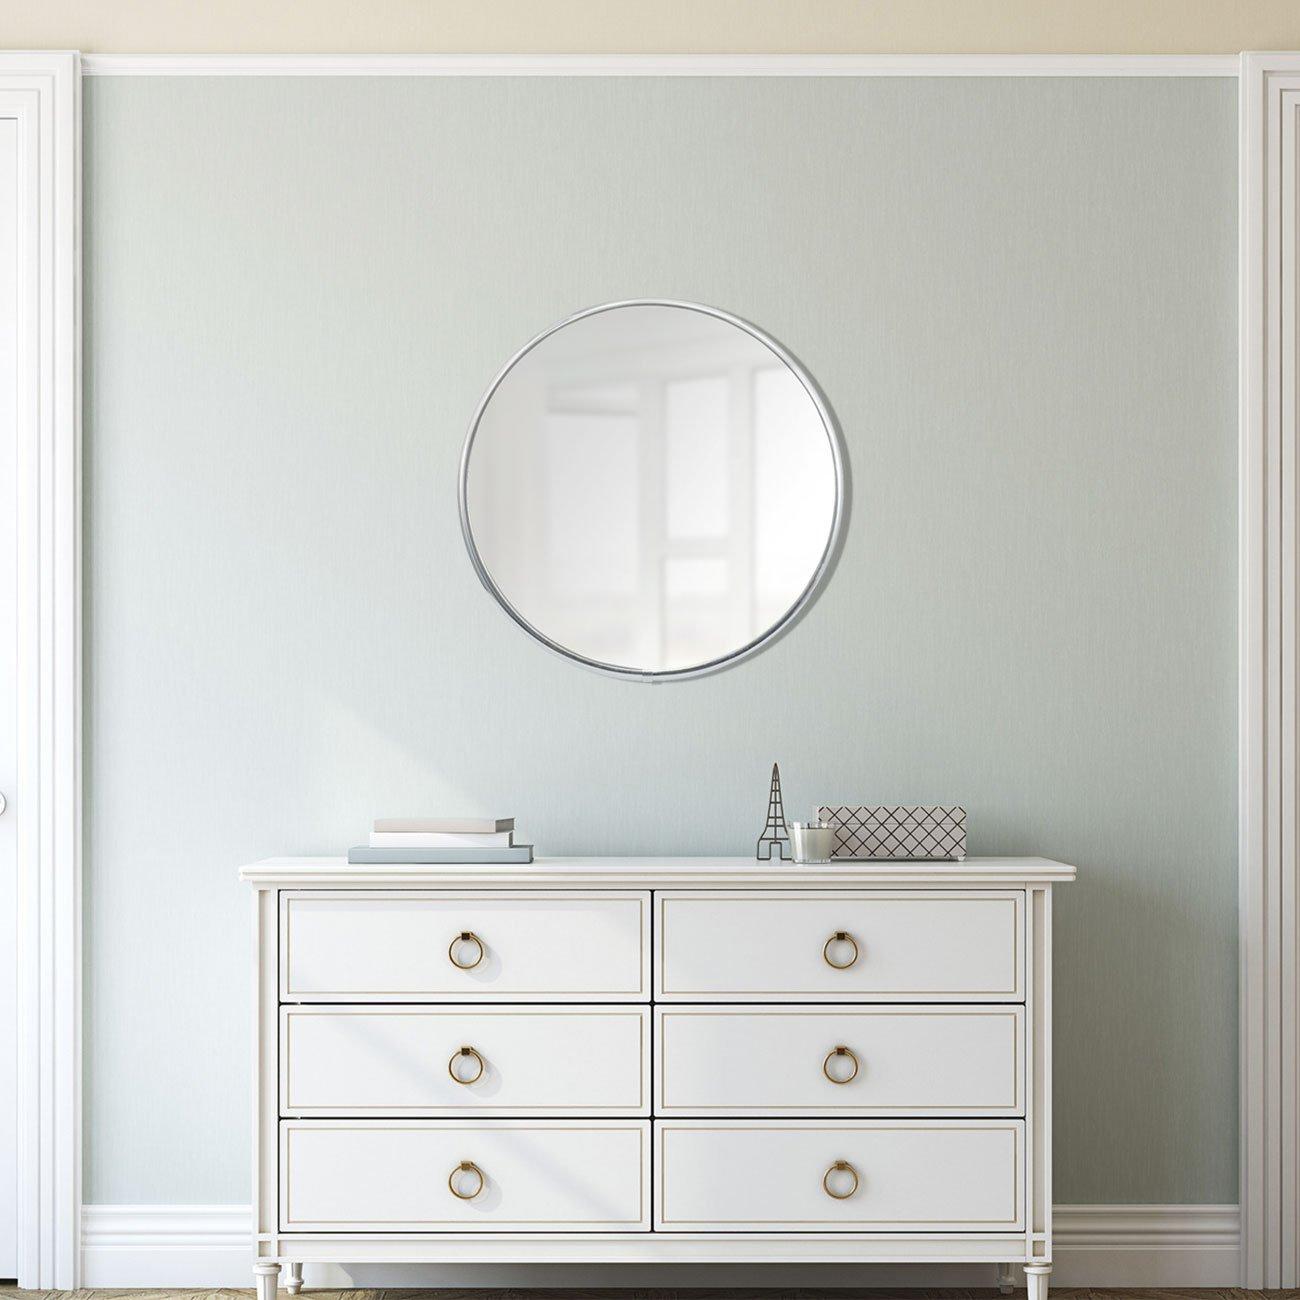 Espelho Redondo com Moldura Alumínio Incolor Brilho